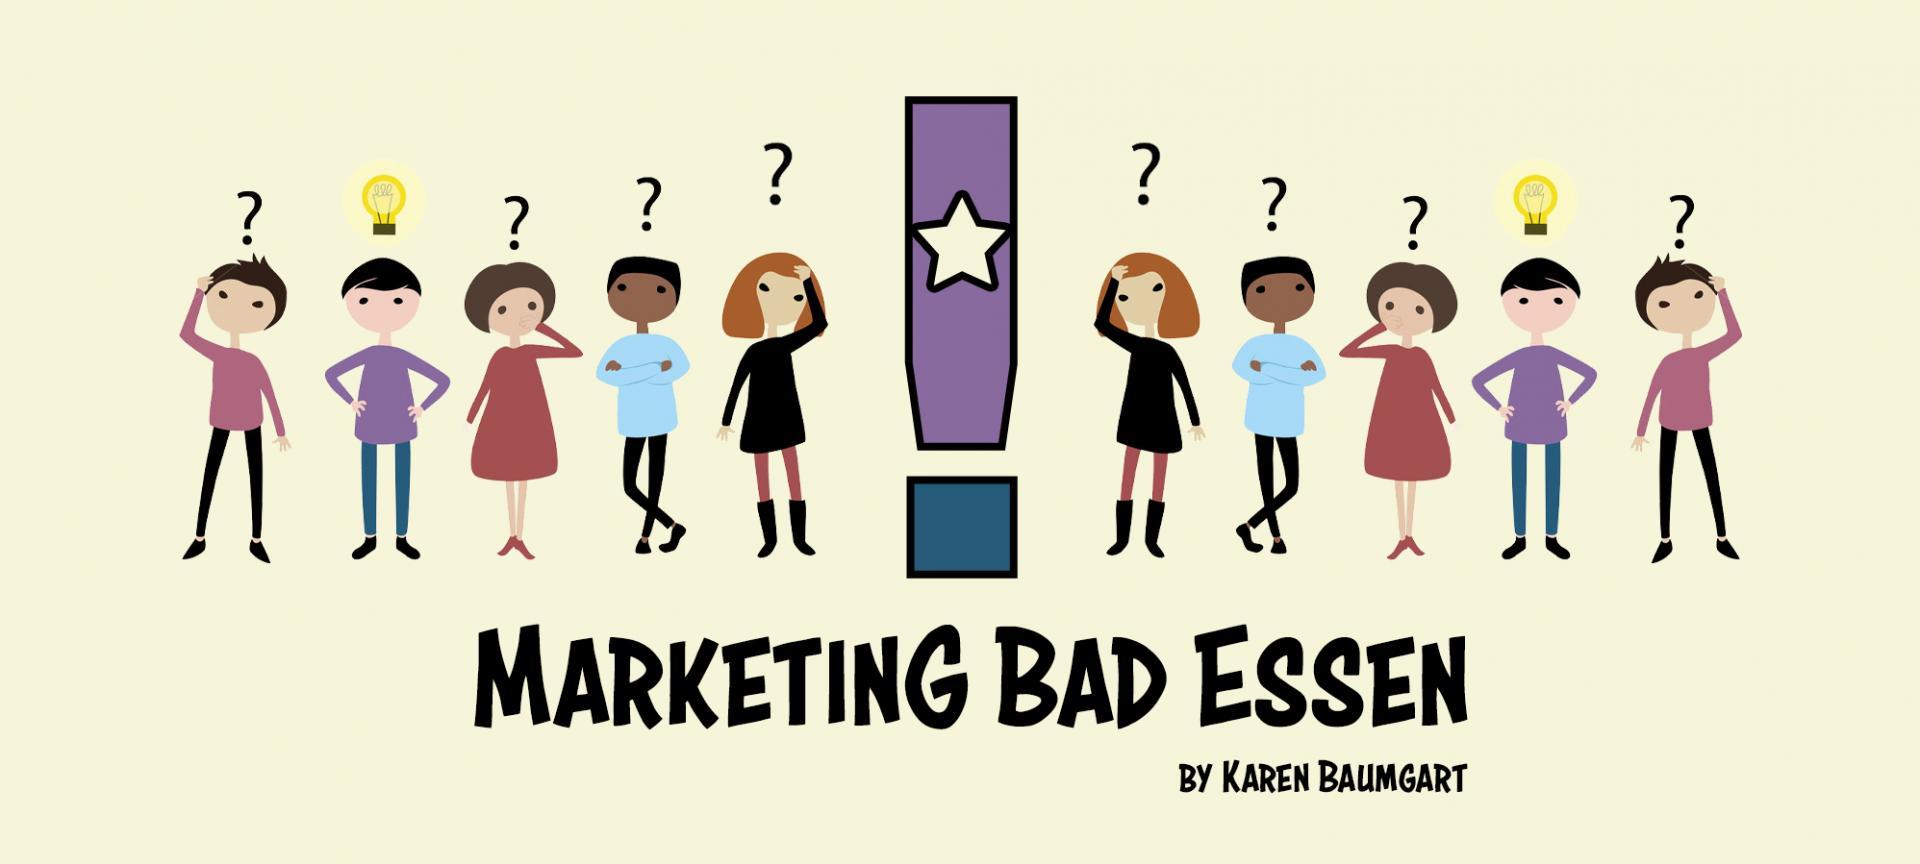 Marketing Bad Essen